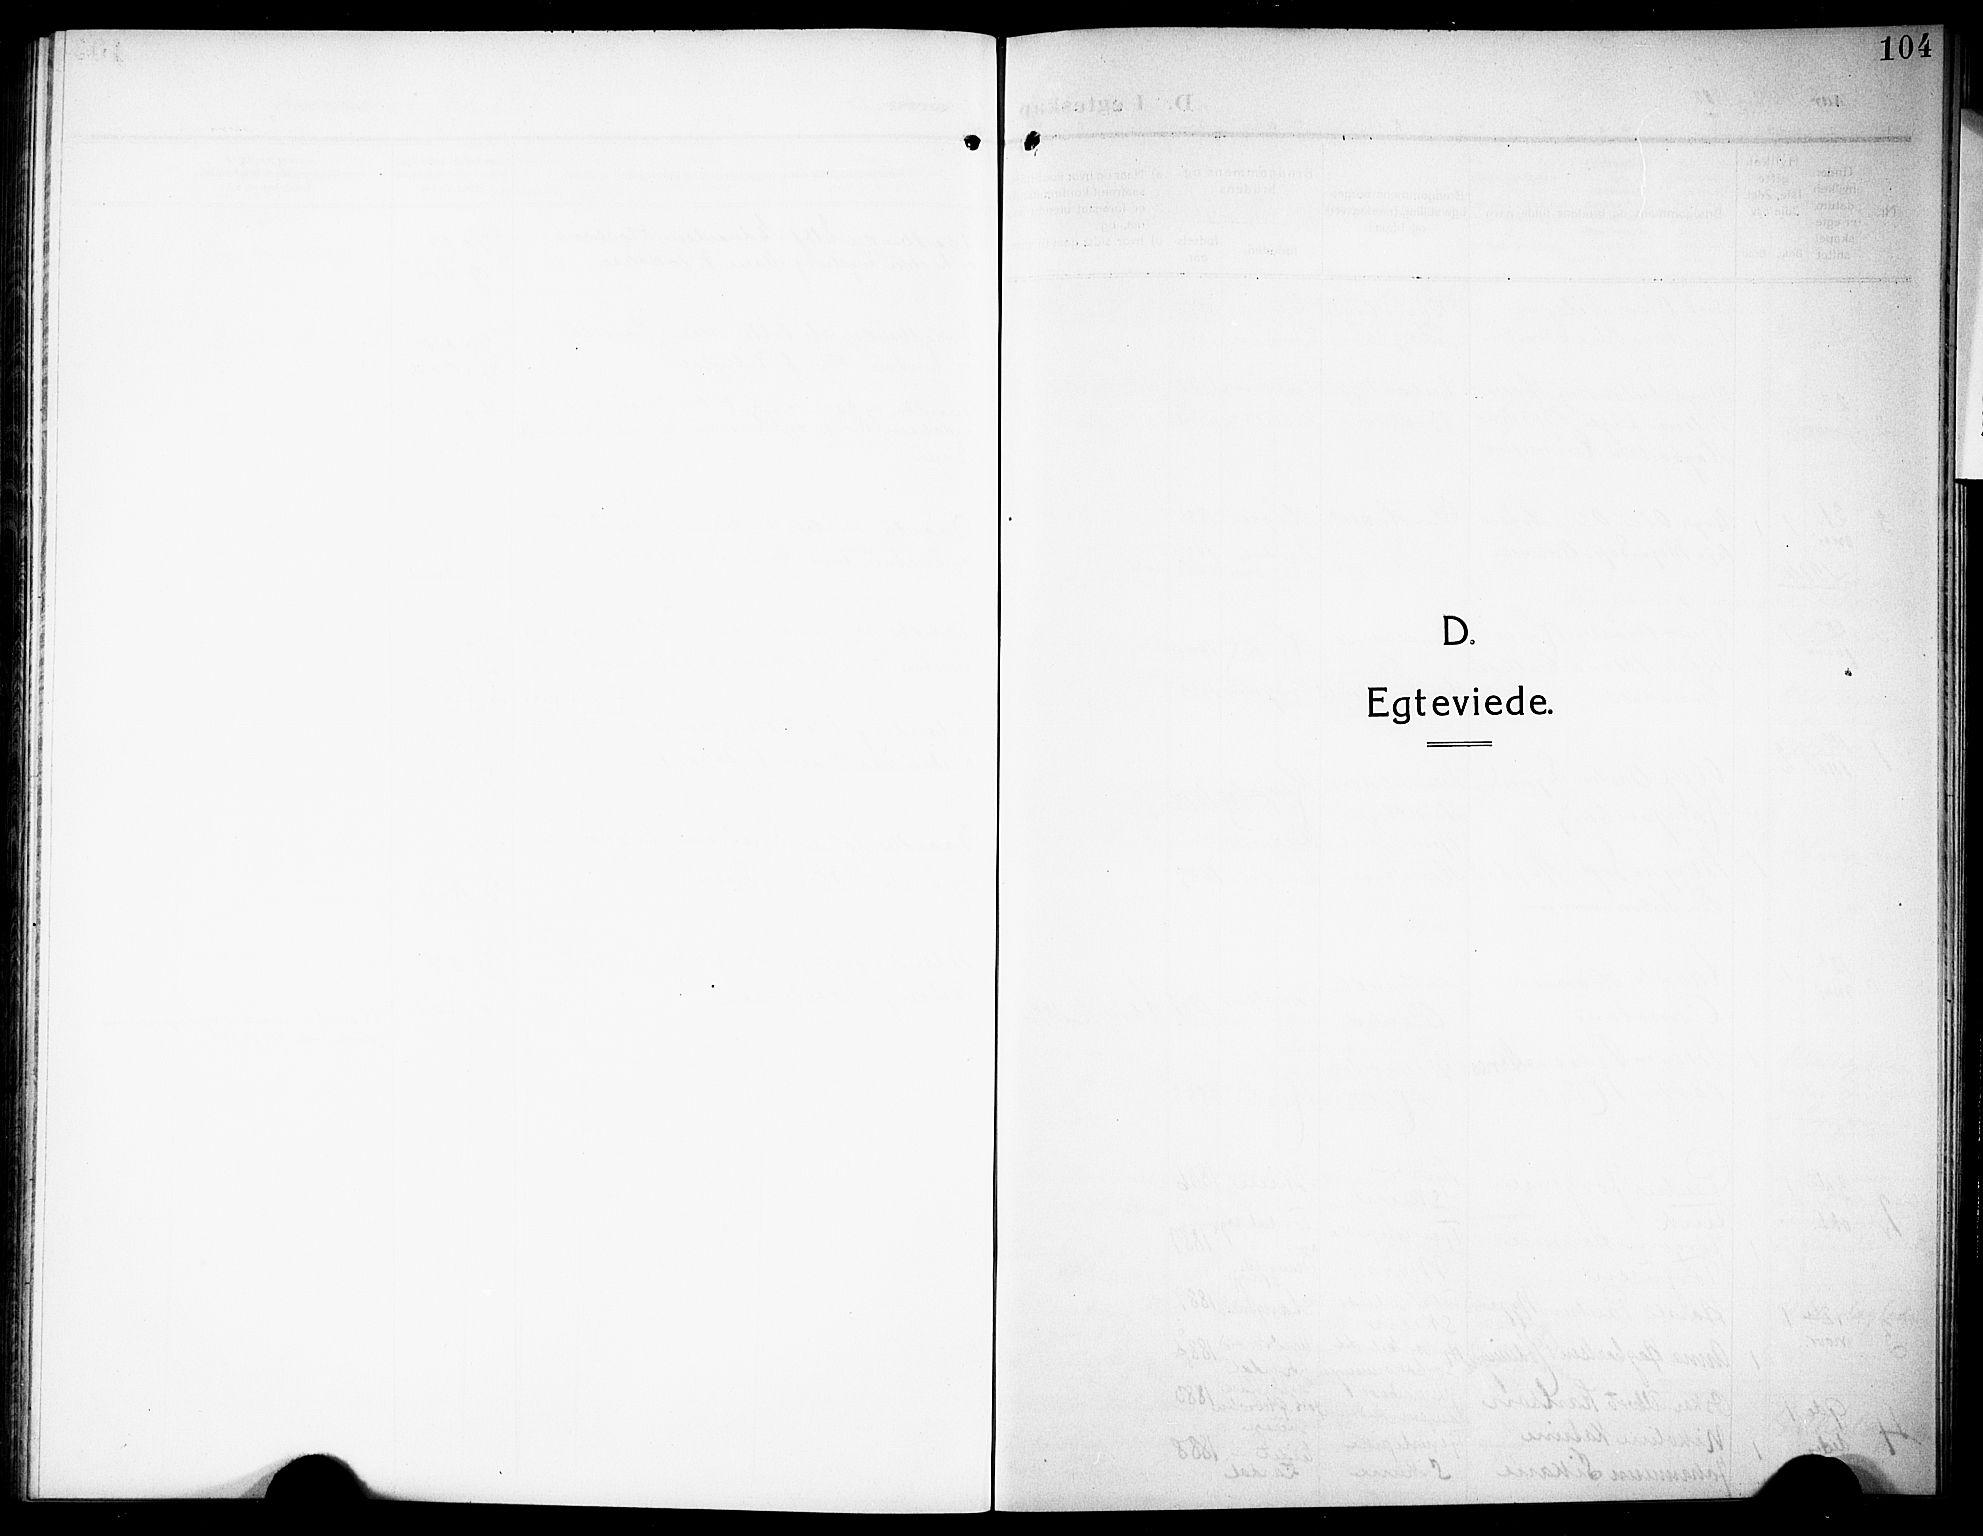 SAKO, Siljan kirkebøker, G/Ga/L0003: Klokkerbok nr. 3, 1909-1927, s. 104